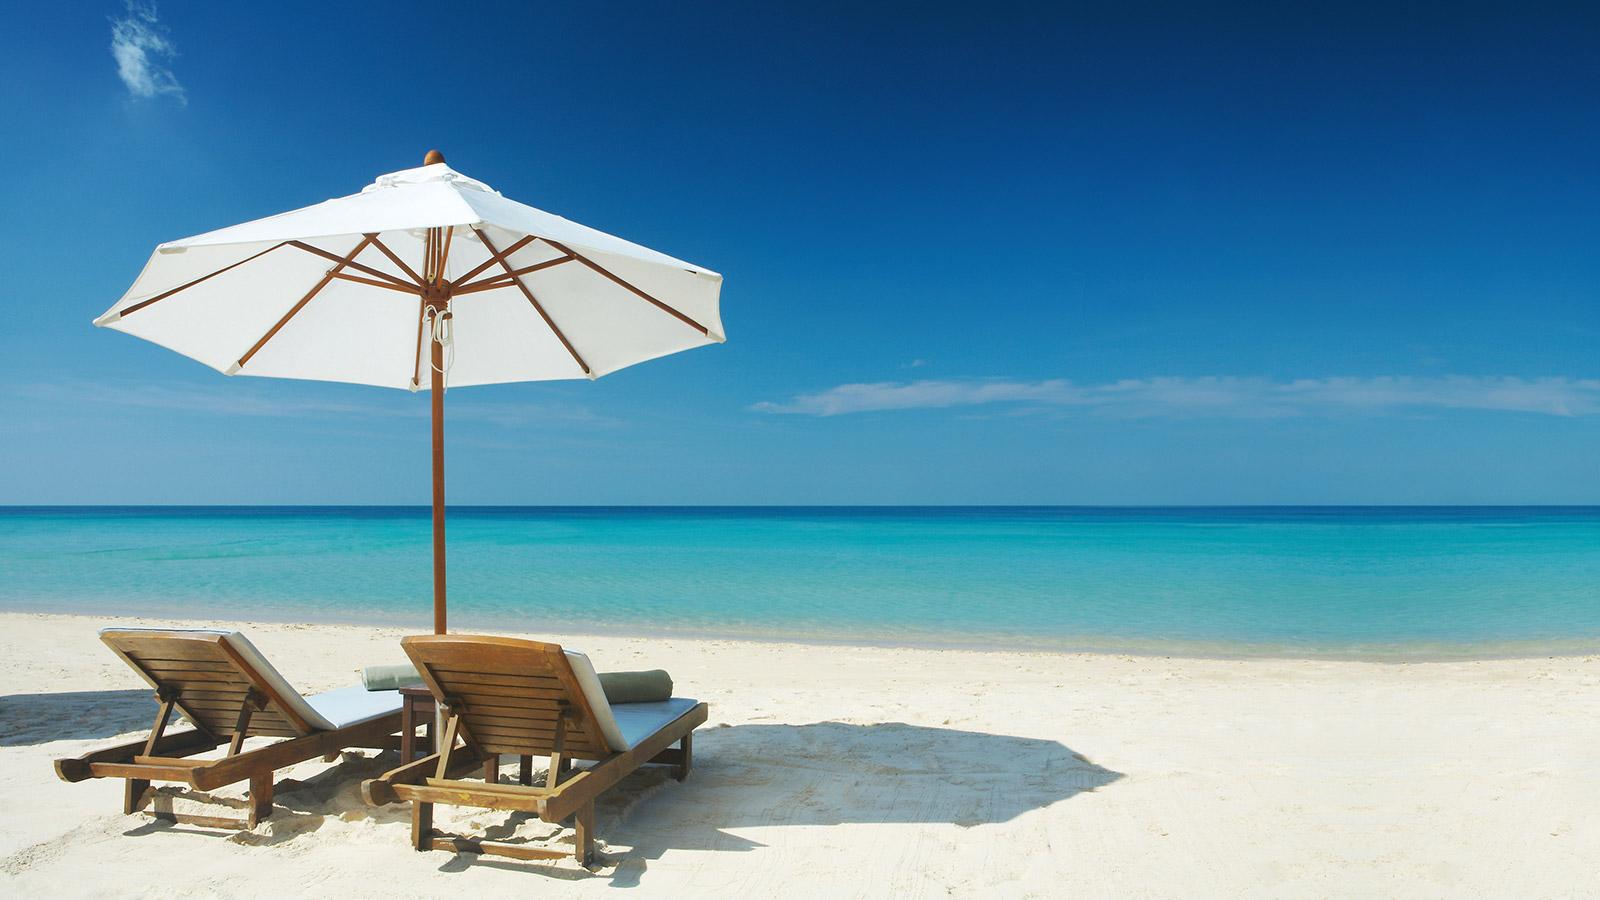 Beach chairs on a sunny beach